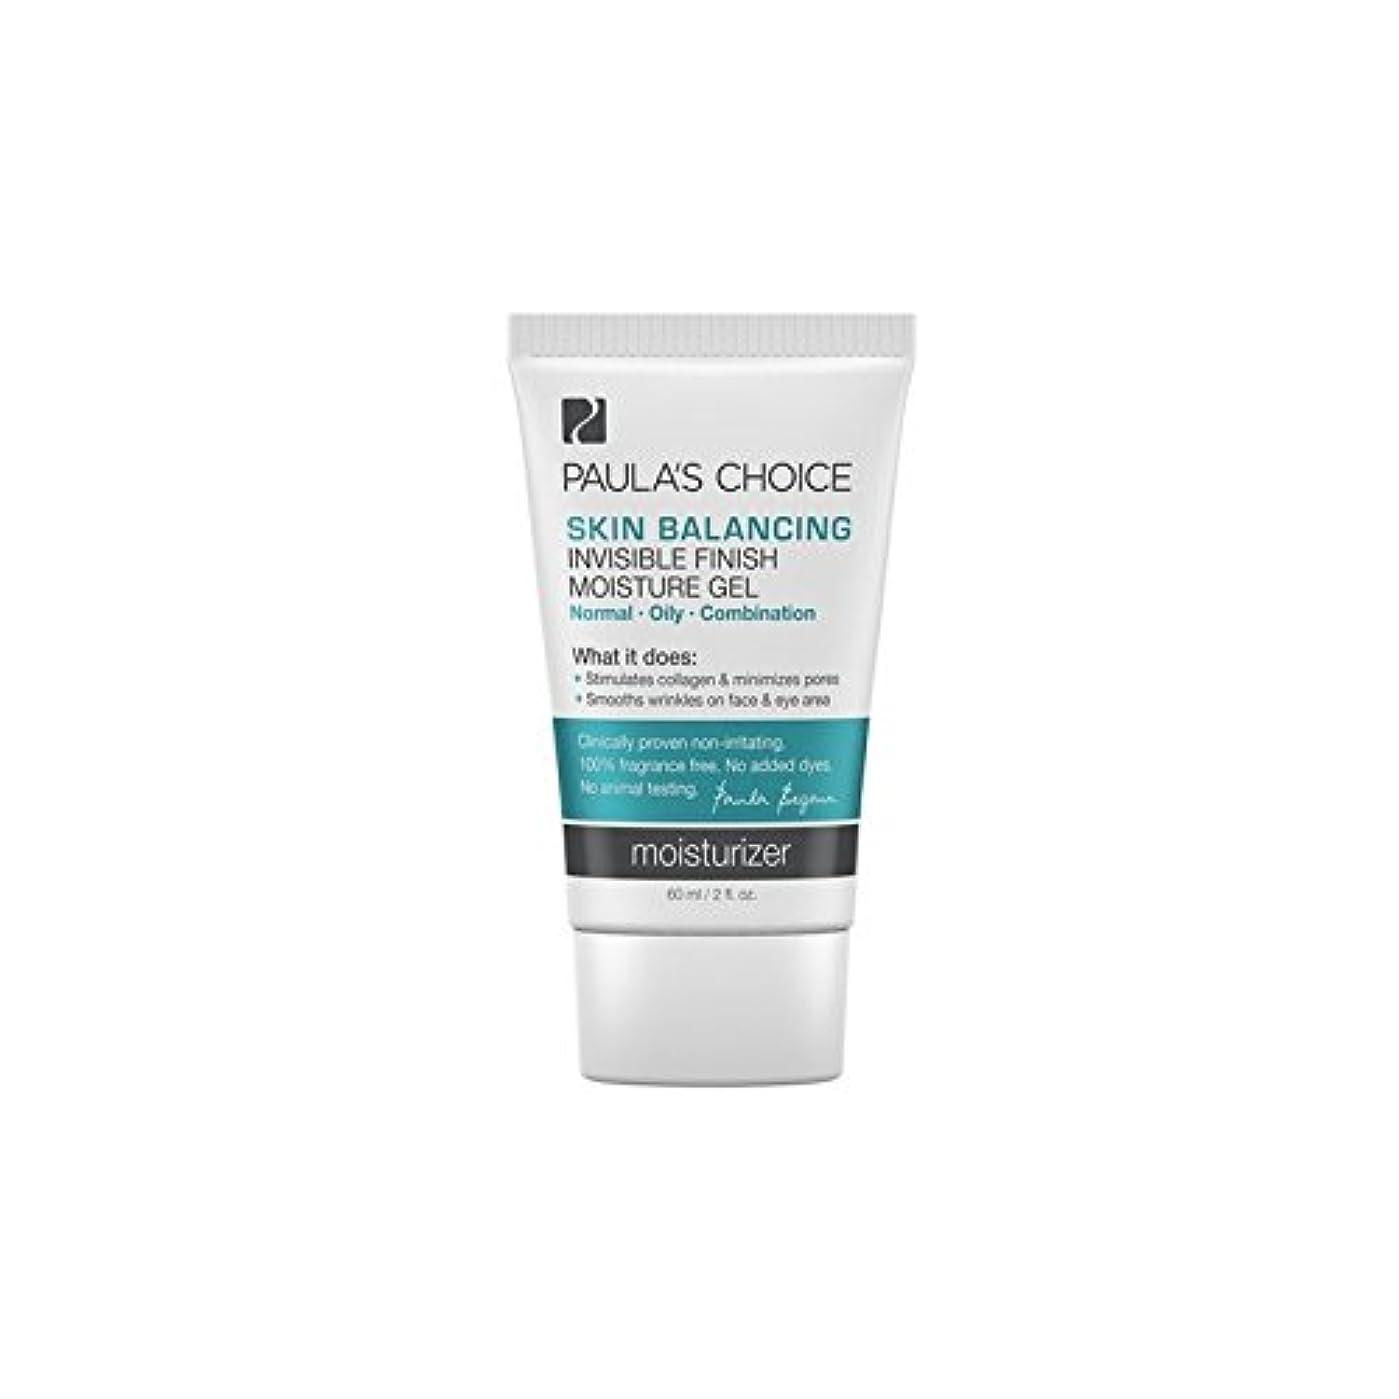 多用途夕暮れ知覚的ポーラチョイスの肌のバランス目に見えない仕上がり水分ゲル(60ミリリットル) x2 - Paula's Choice Skin Balancing Invisible Finish Moisture Gel (60ml) (Pack of 2) [並行輸入品]